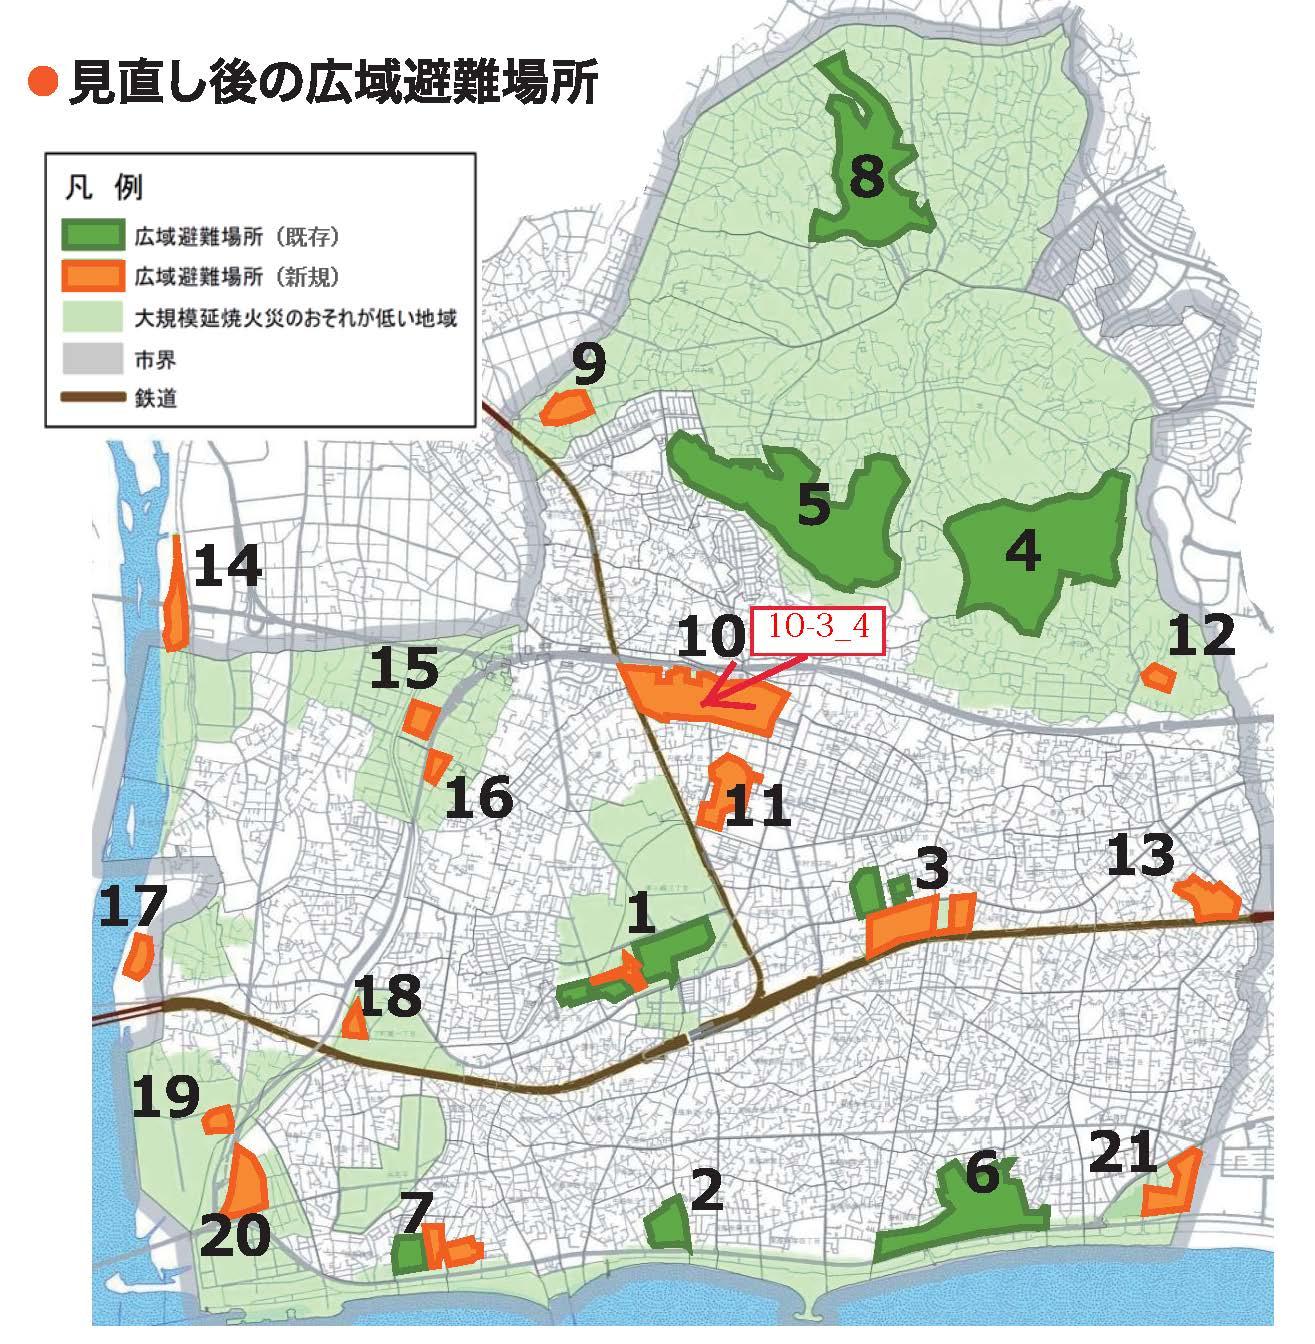 10-3_4.広域避難場所_茅ヶ崎市地図